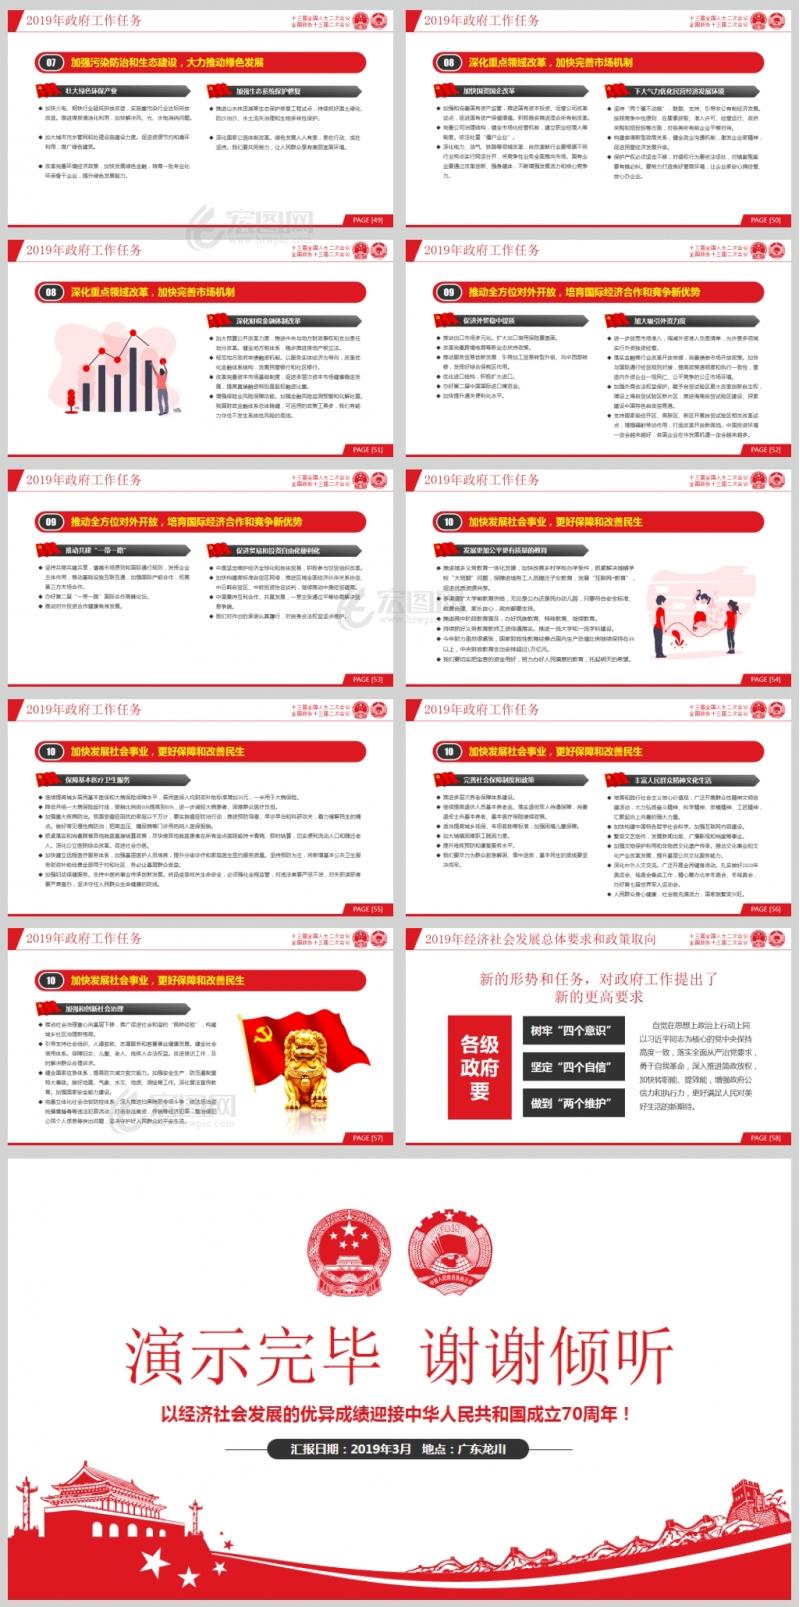 2019全国两会政府工作报告PPT课件模板